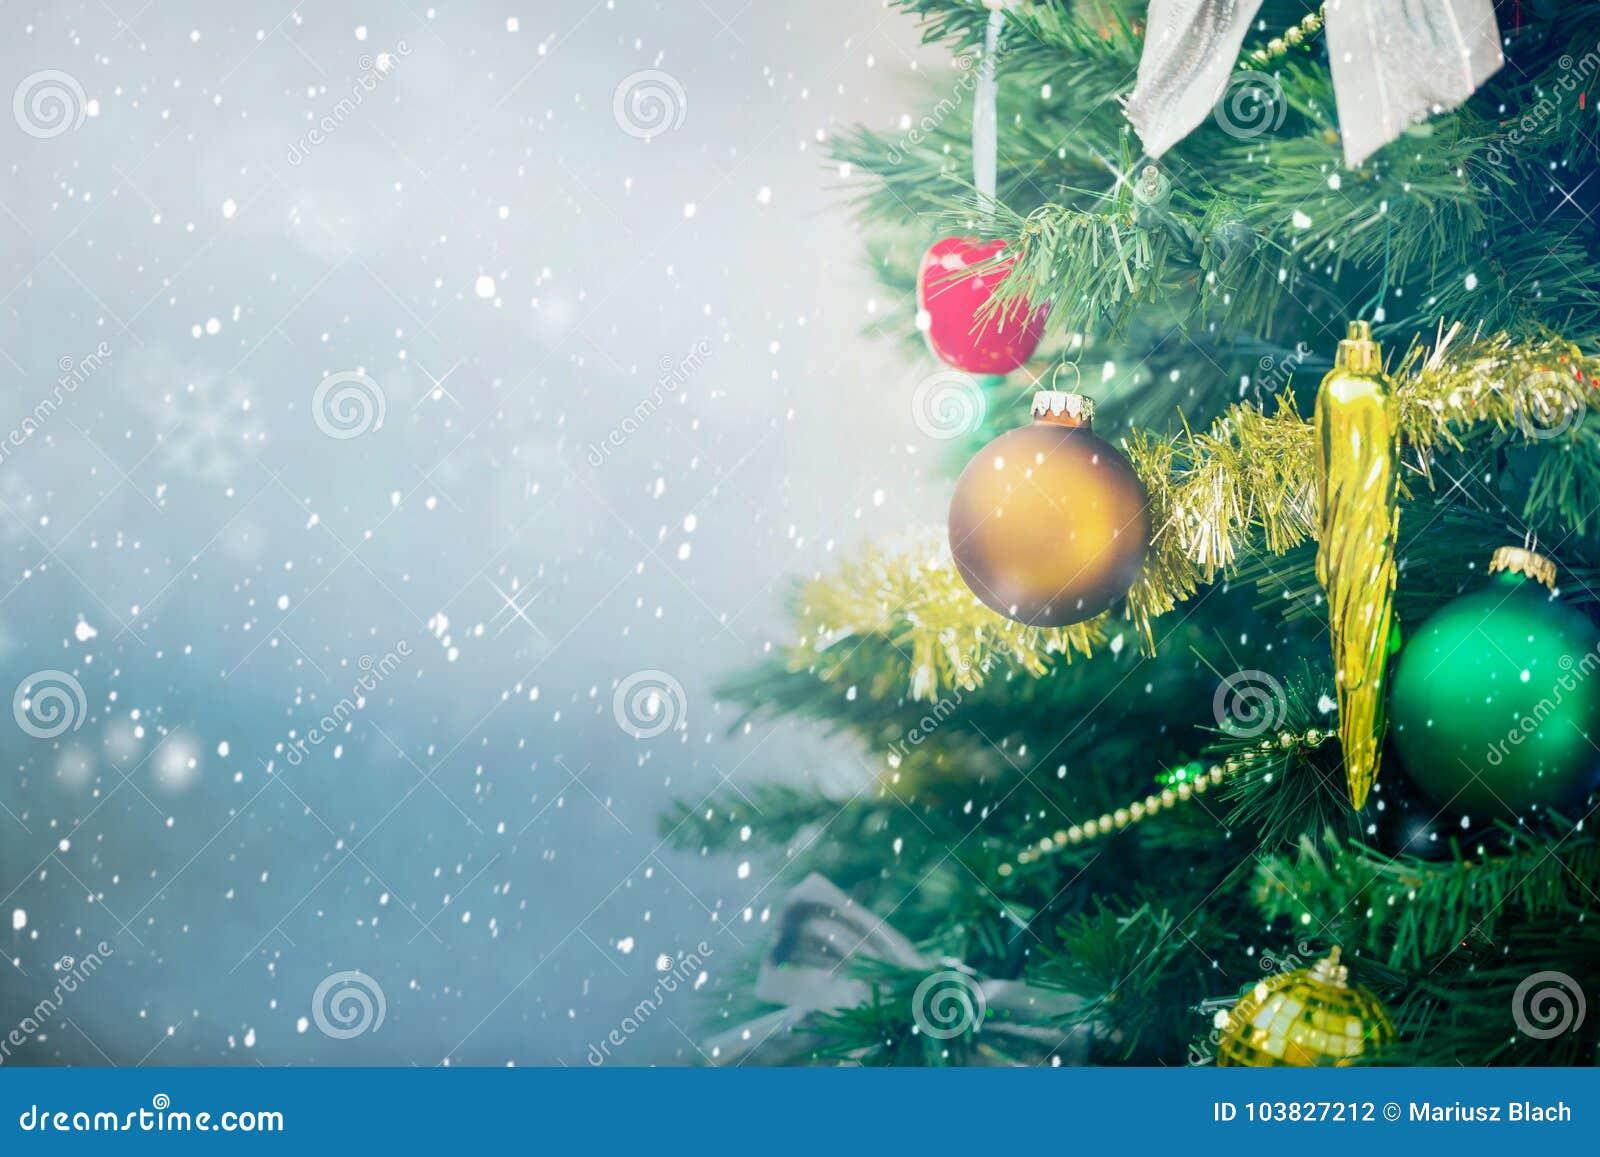 Fundo com árvore de Natal